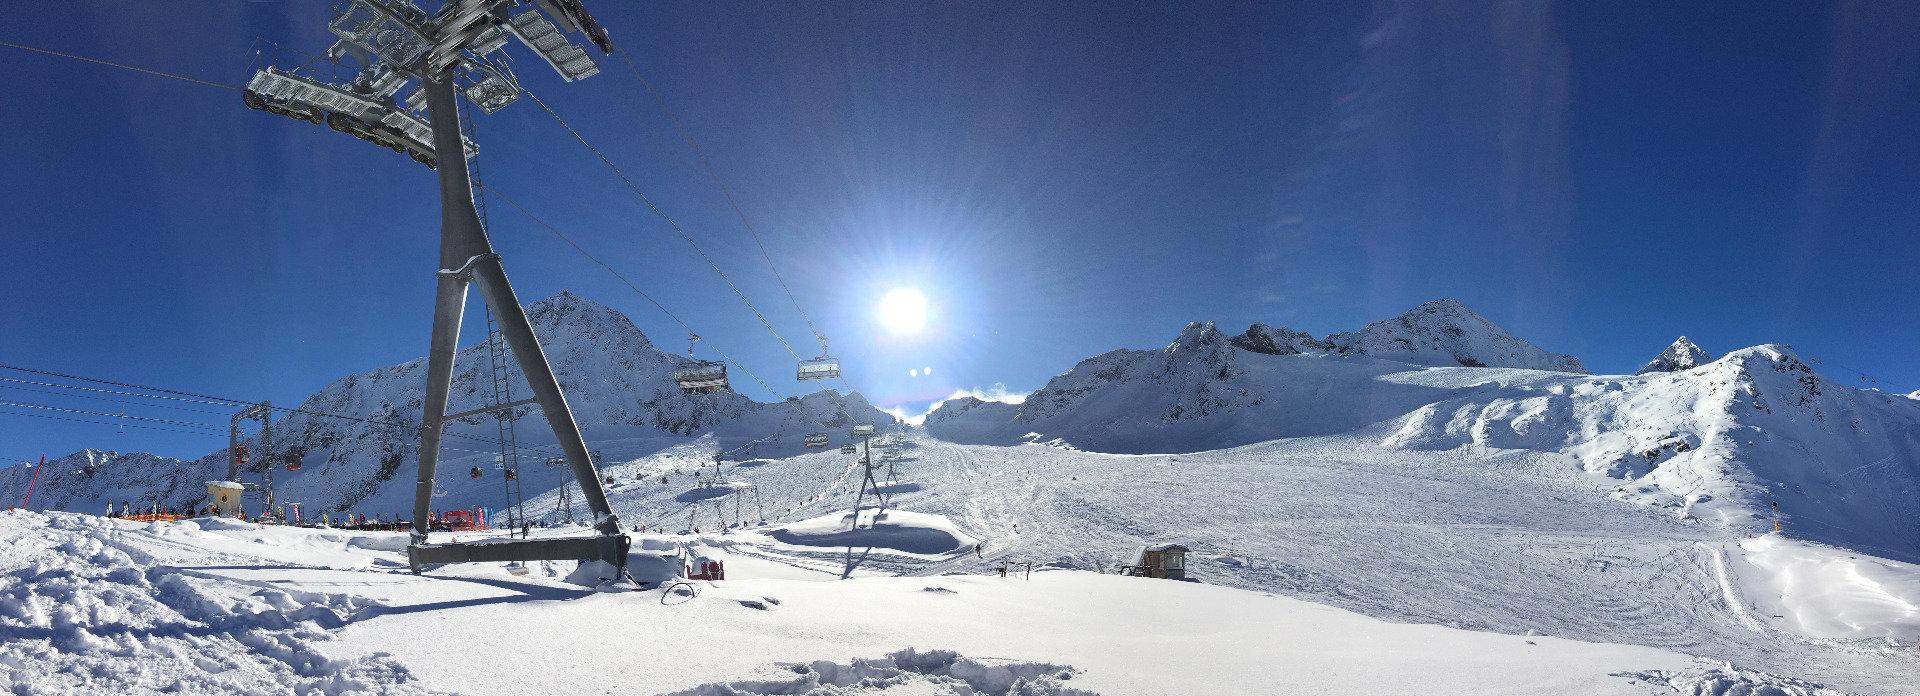 Blick vom Eisgrat auf die Pisten am Stubaier Gletscher - © Skiinfo